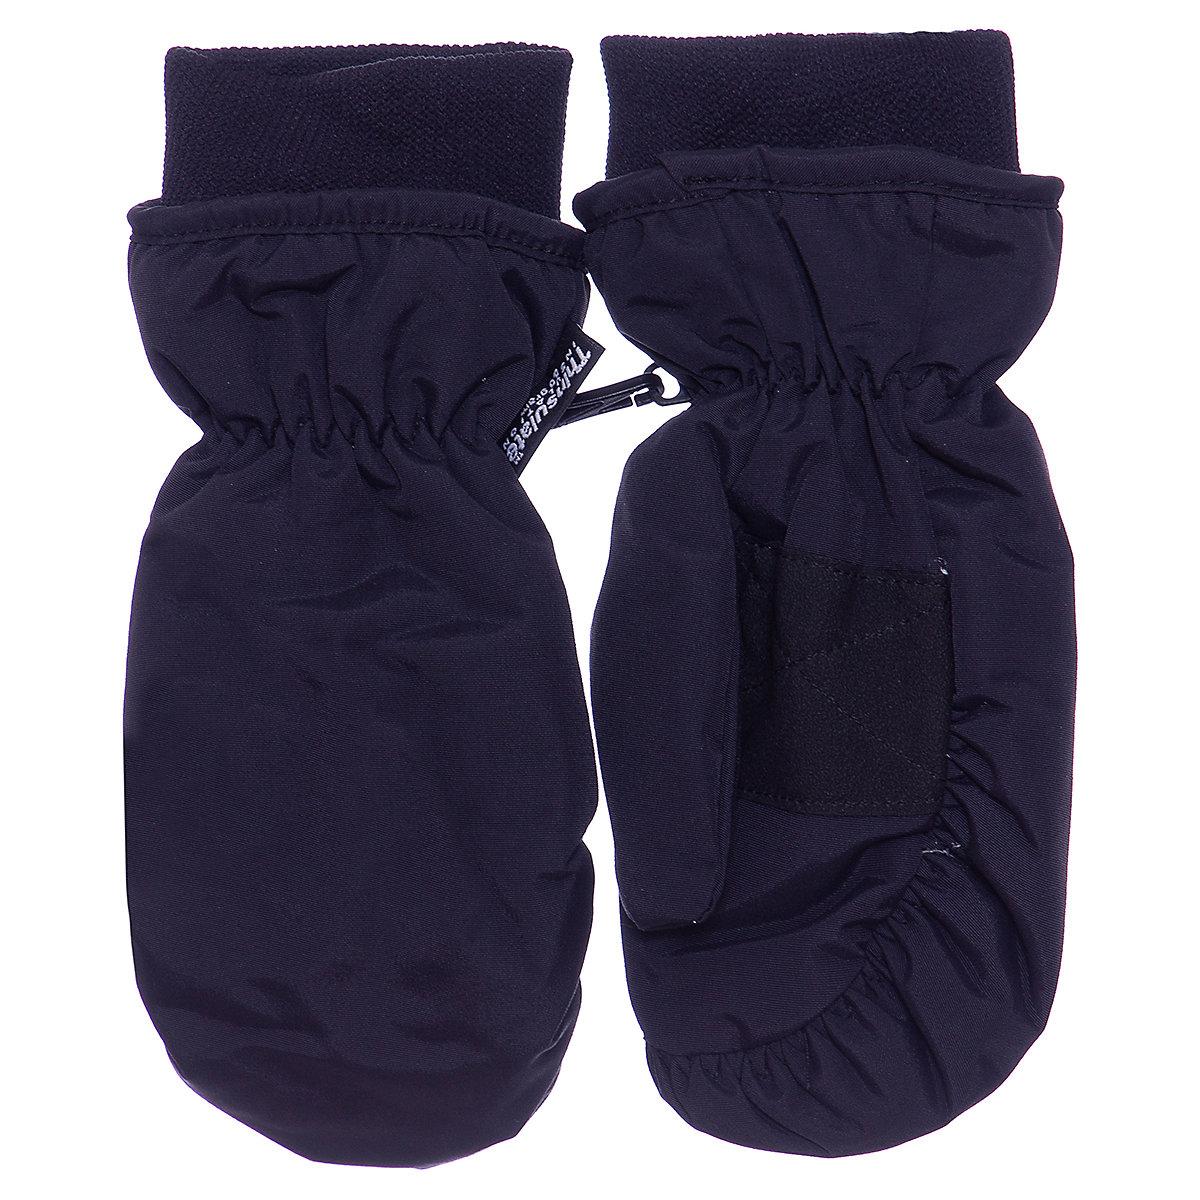 Ticket To Heaven Gloves & Mittens 8882597 Glove Mitten Winter Clothes For Children Girls Boys Girl Boy